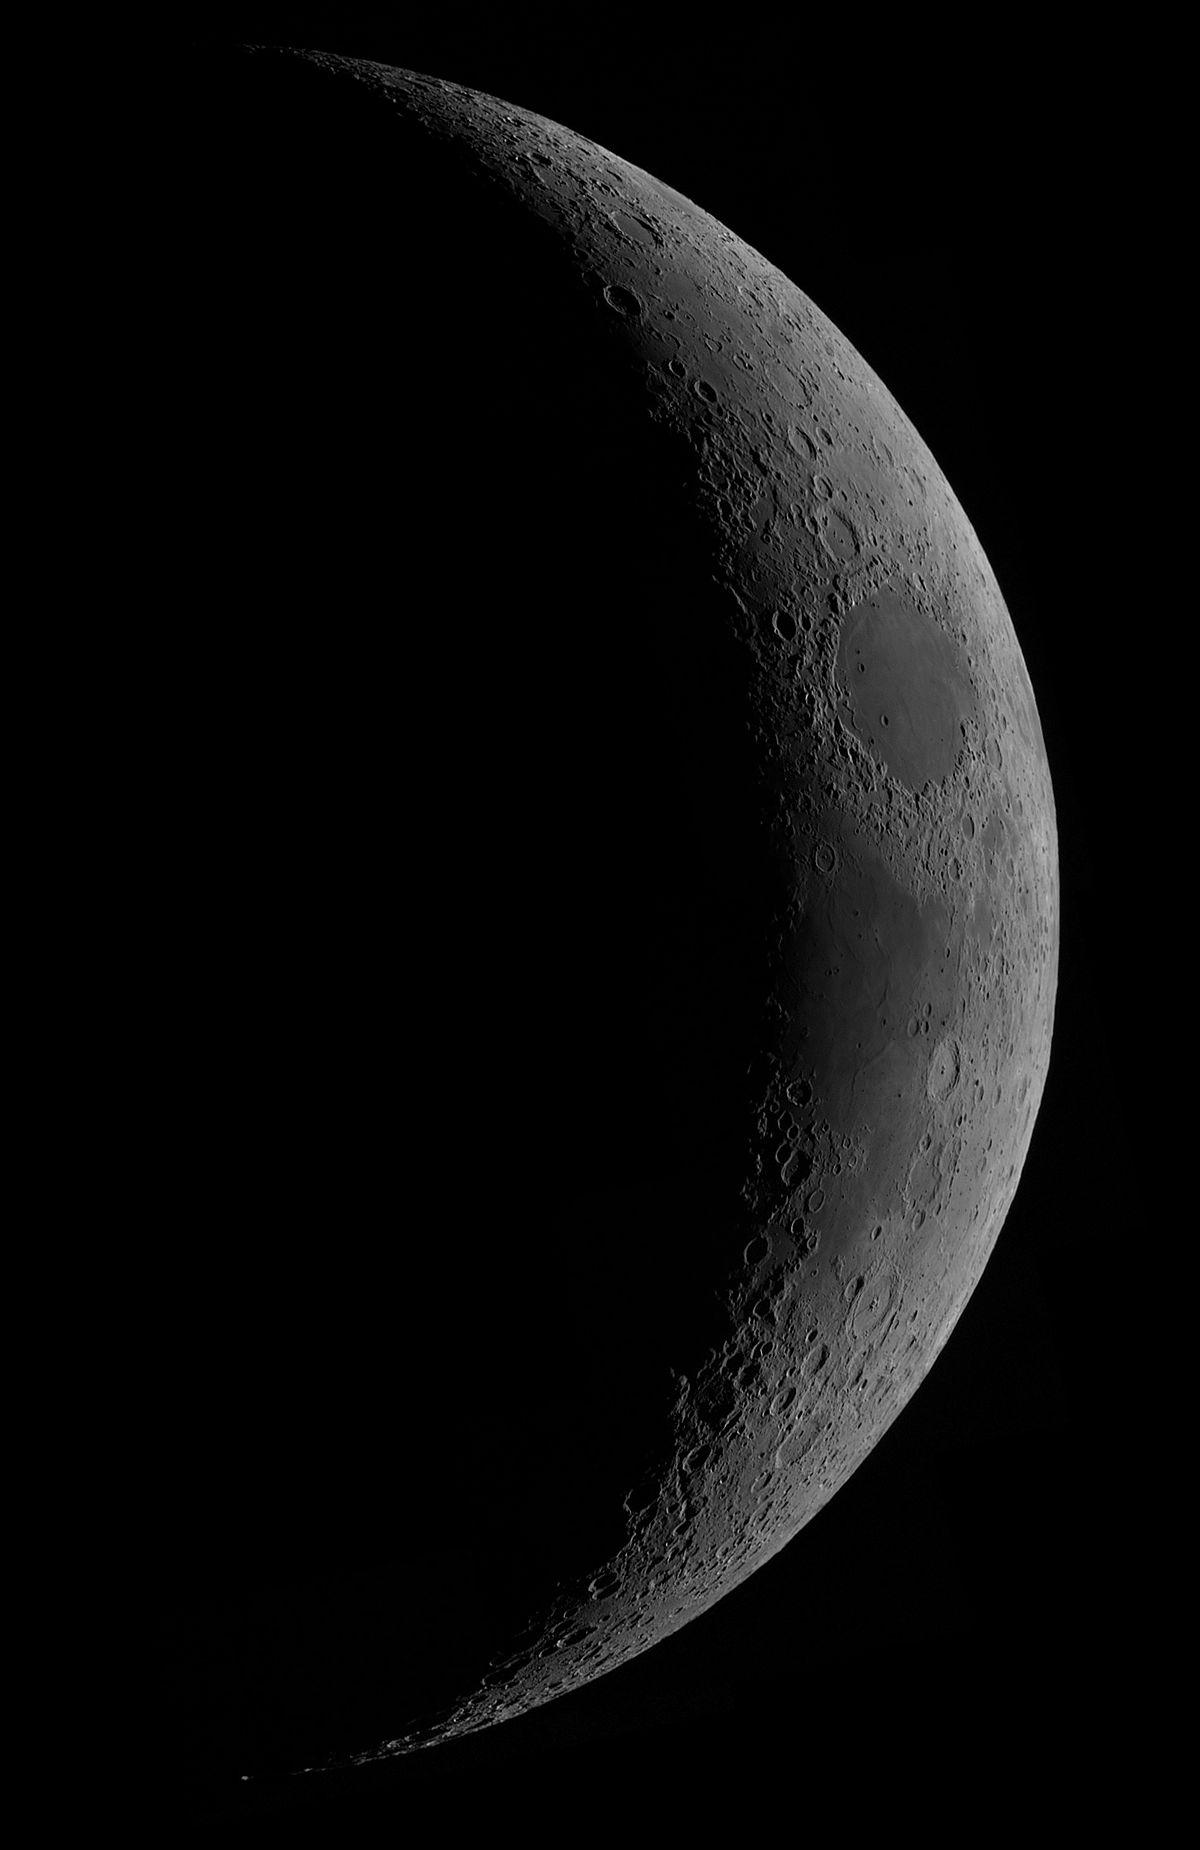 Mond_111218p50c.jpg